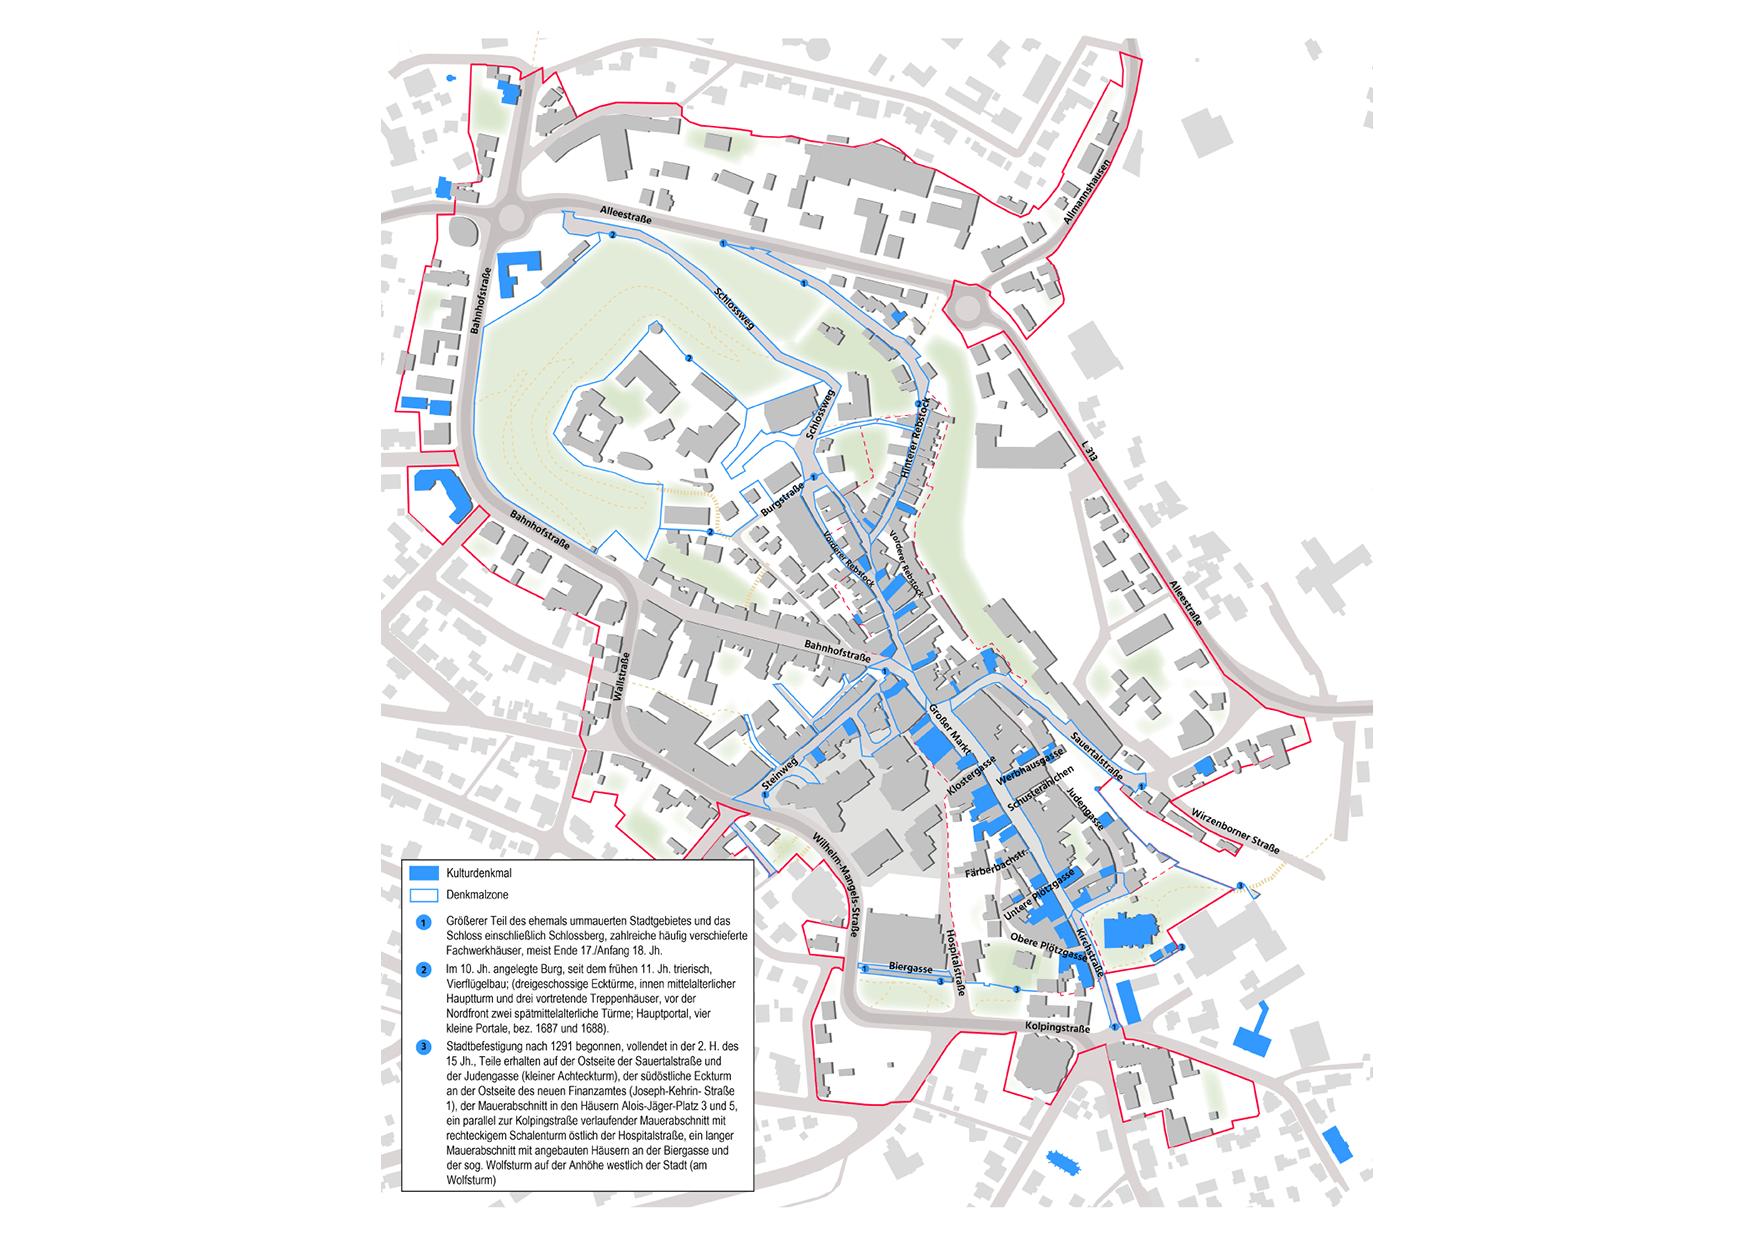 Montabaur Integriertes Städtebauliches Entwicklungskonzept ISEK Denkmal Baudenkmäler Denkmalzonen Kulturdenkmal Karte